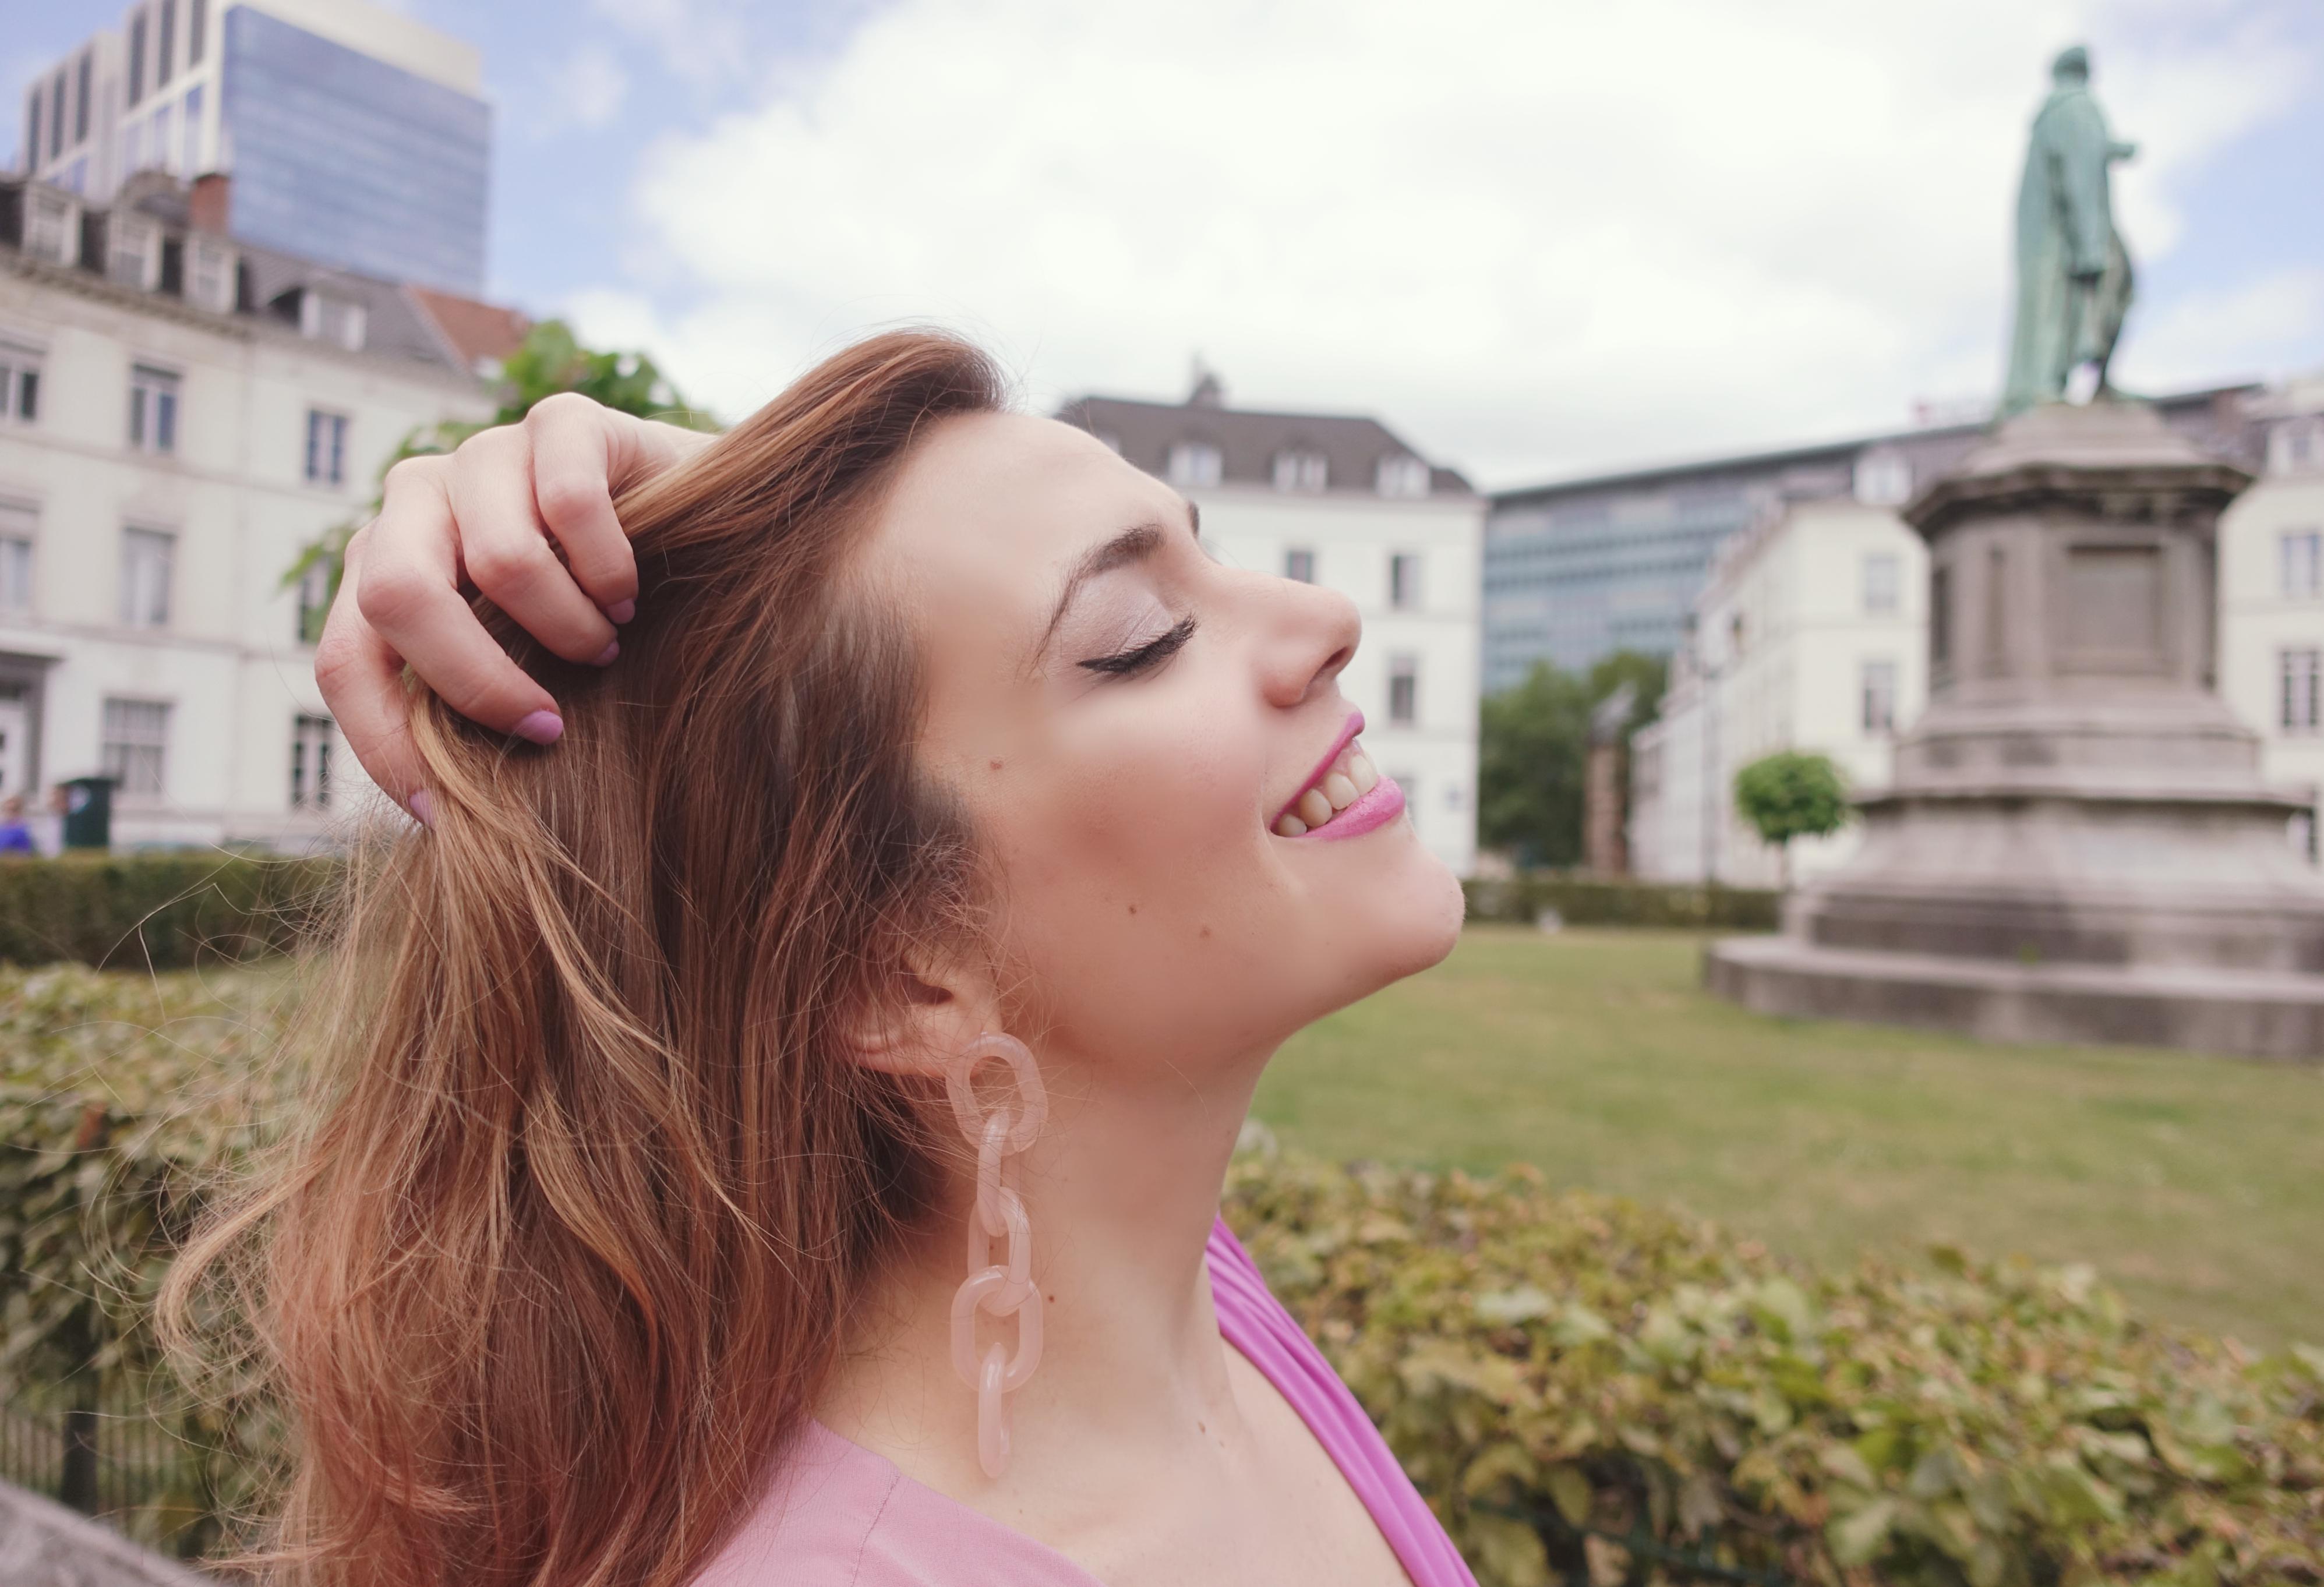 Fashionista-blog-de-moda-ChicAdicta-influencer-Piensa-en-Chic-pendientes-largos-vestidos-invitadas-boda-Margarita-munoz-PiensaenChic-Chic-Adicta